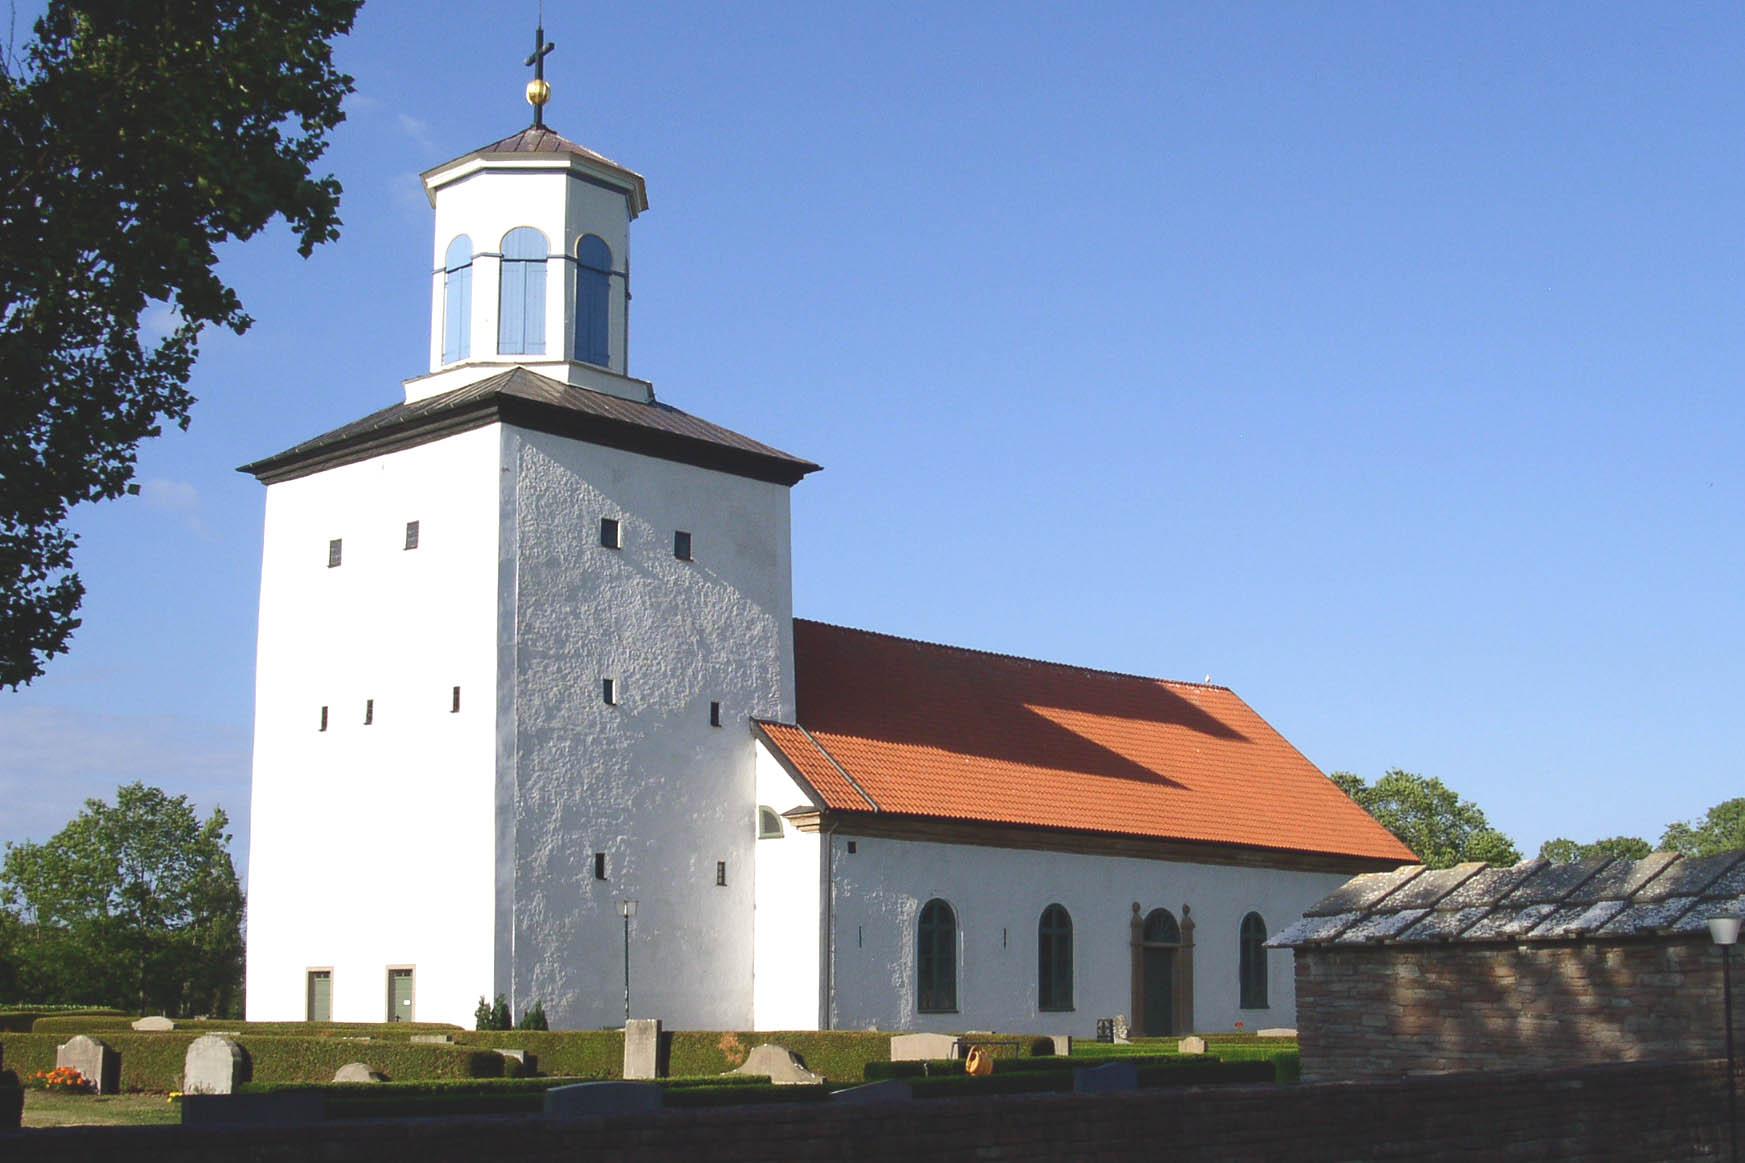 Fora kyrka